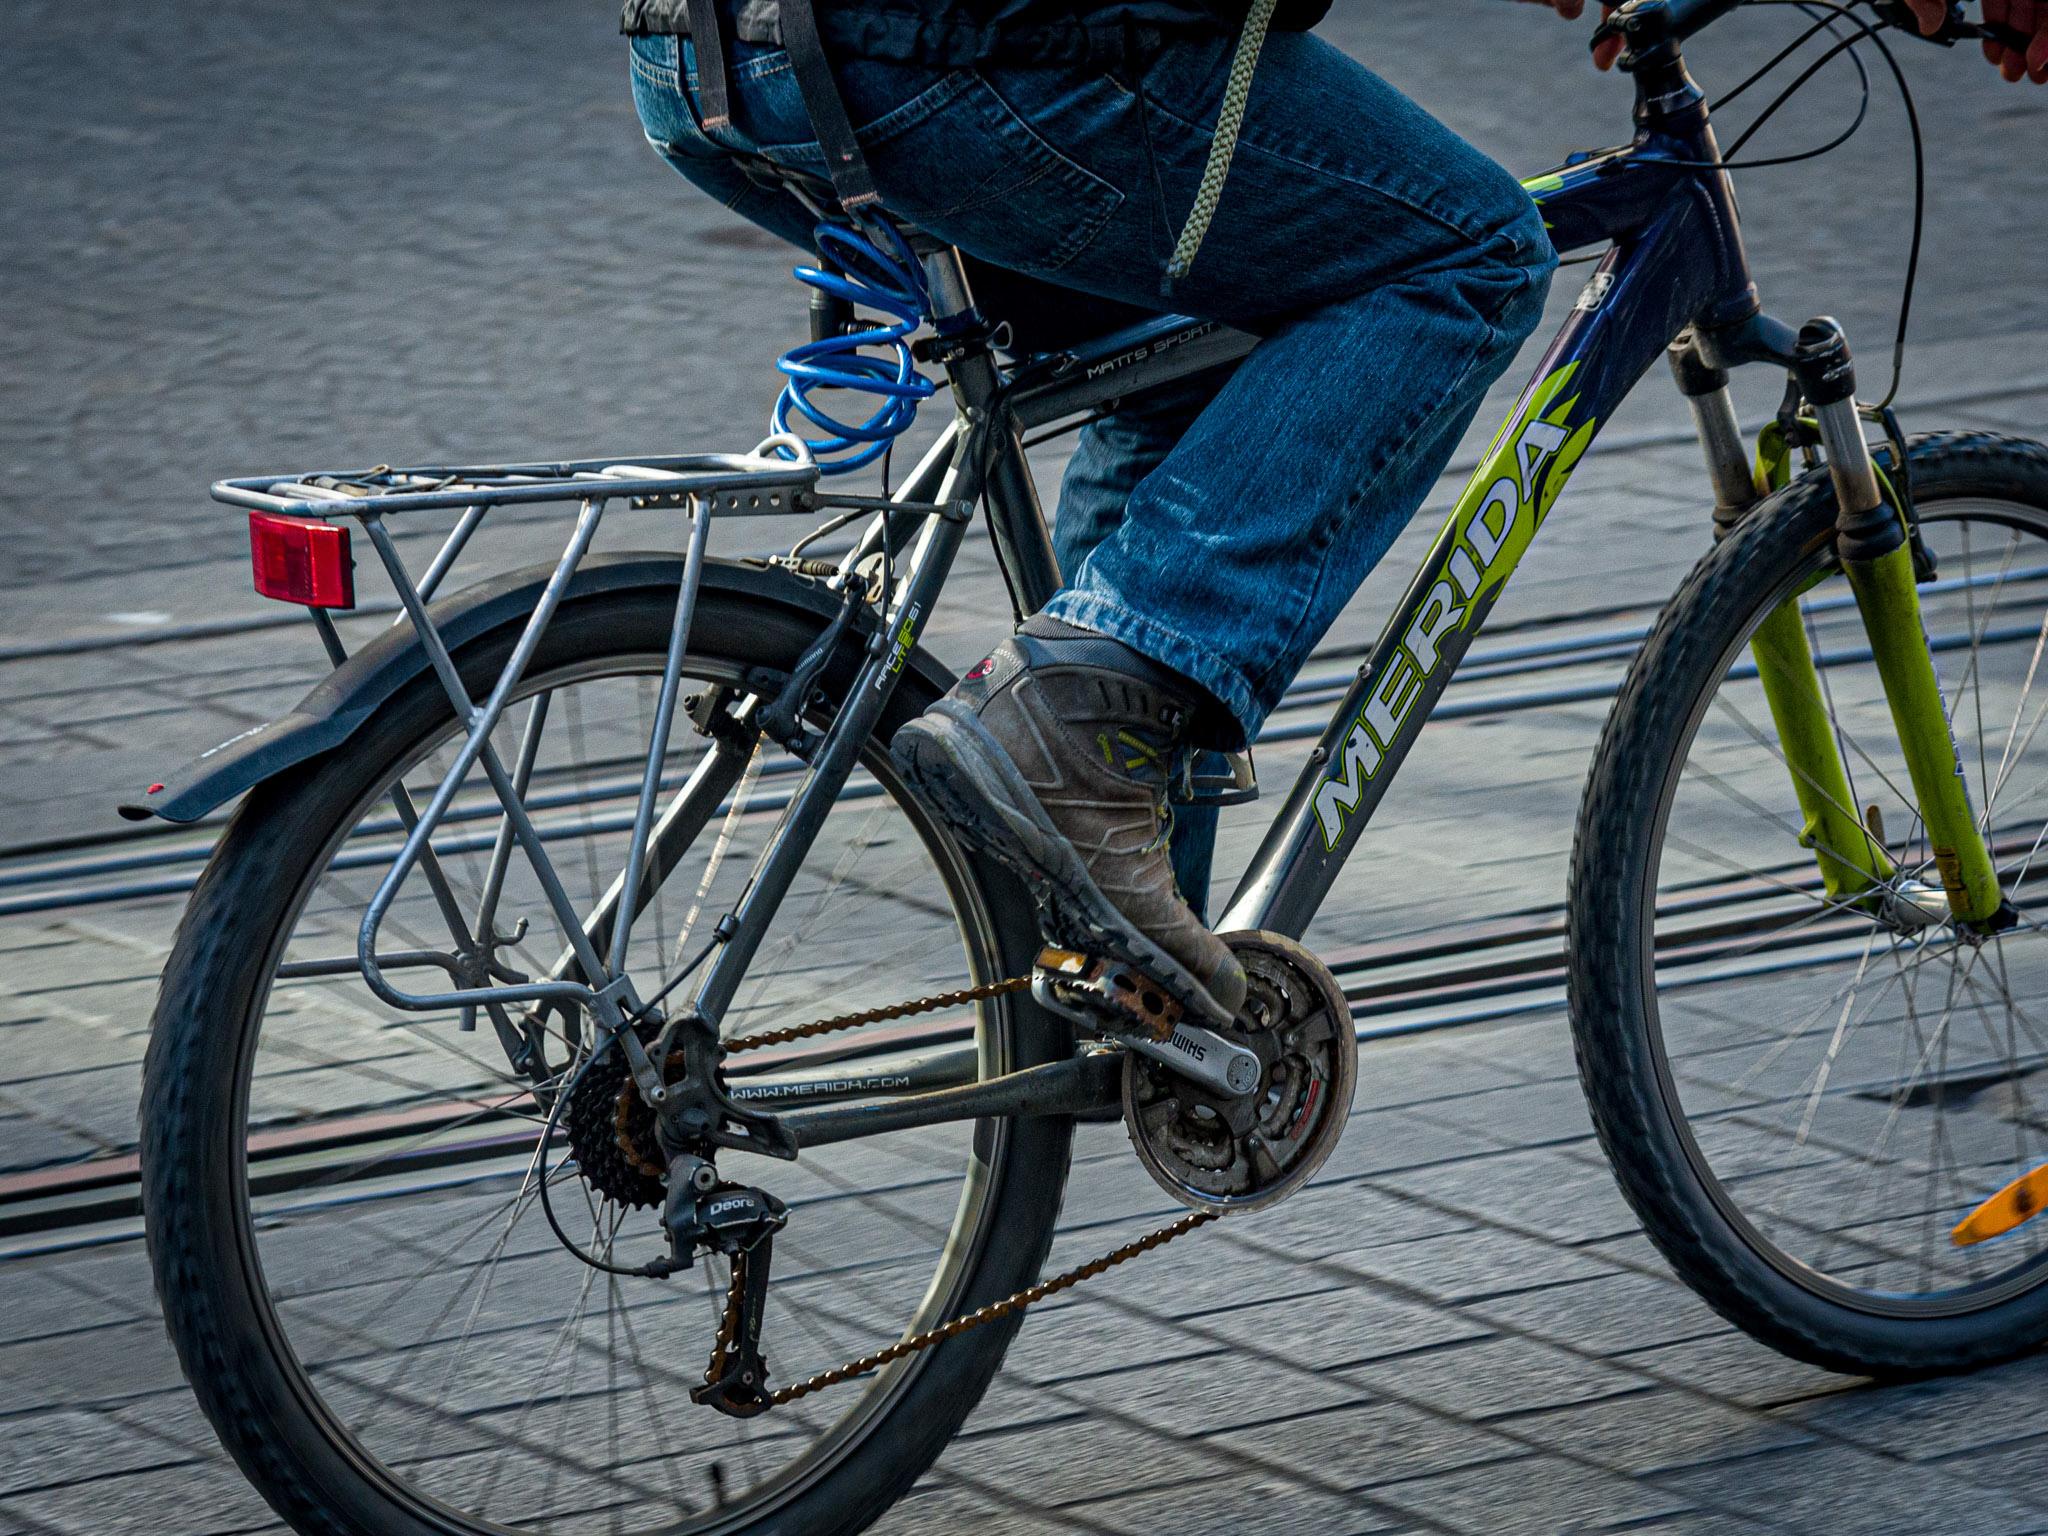 Die Fahrräder können bei der Radbörse auf Herz und Nieren getestet werden. Foto: Pascal Höfig